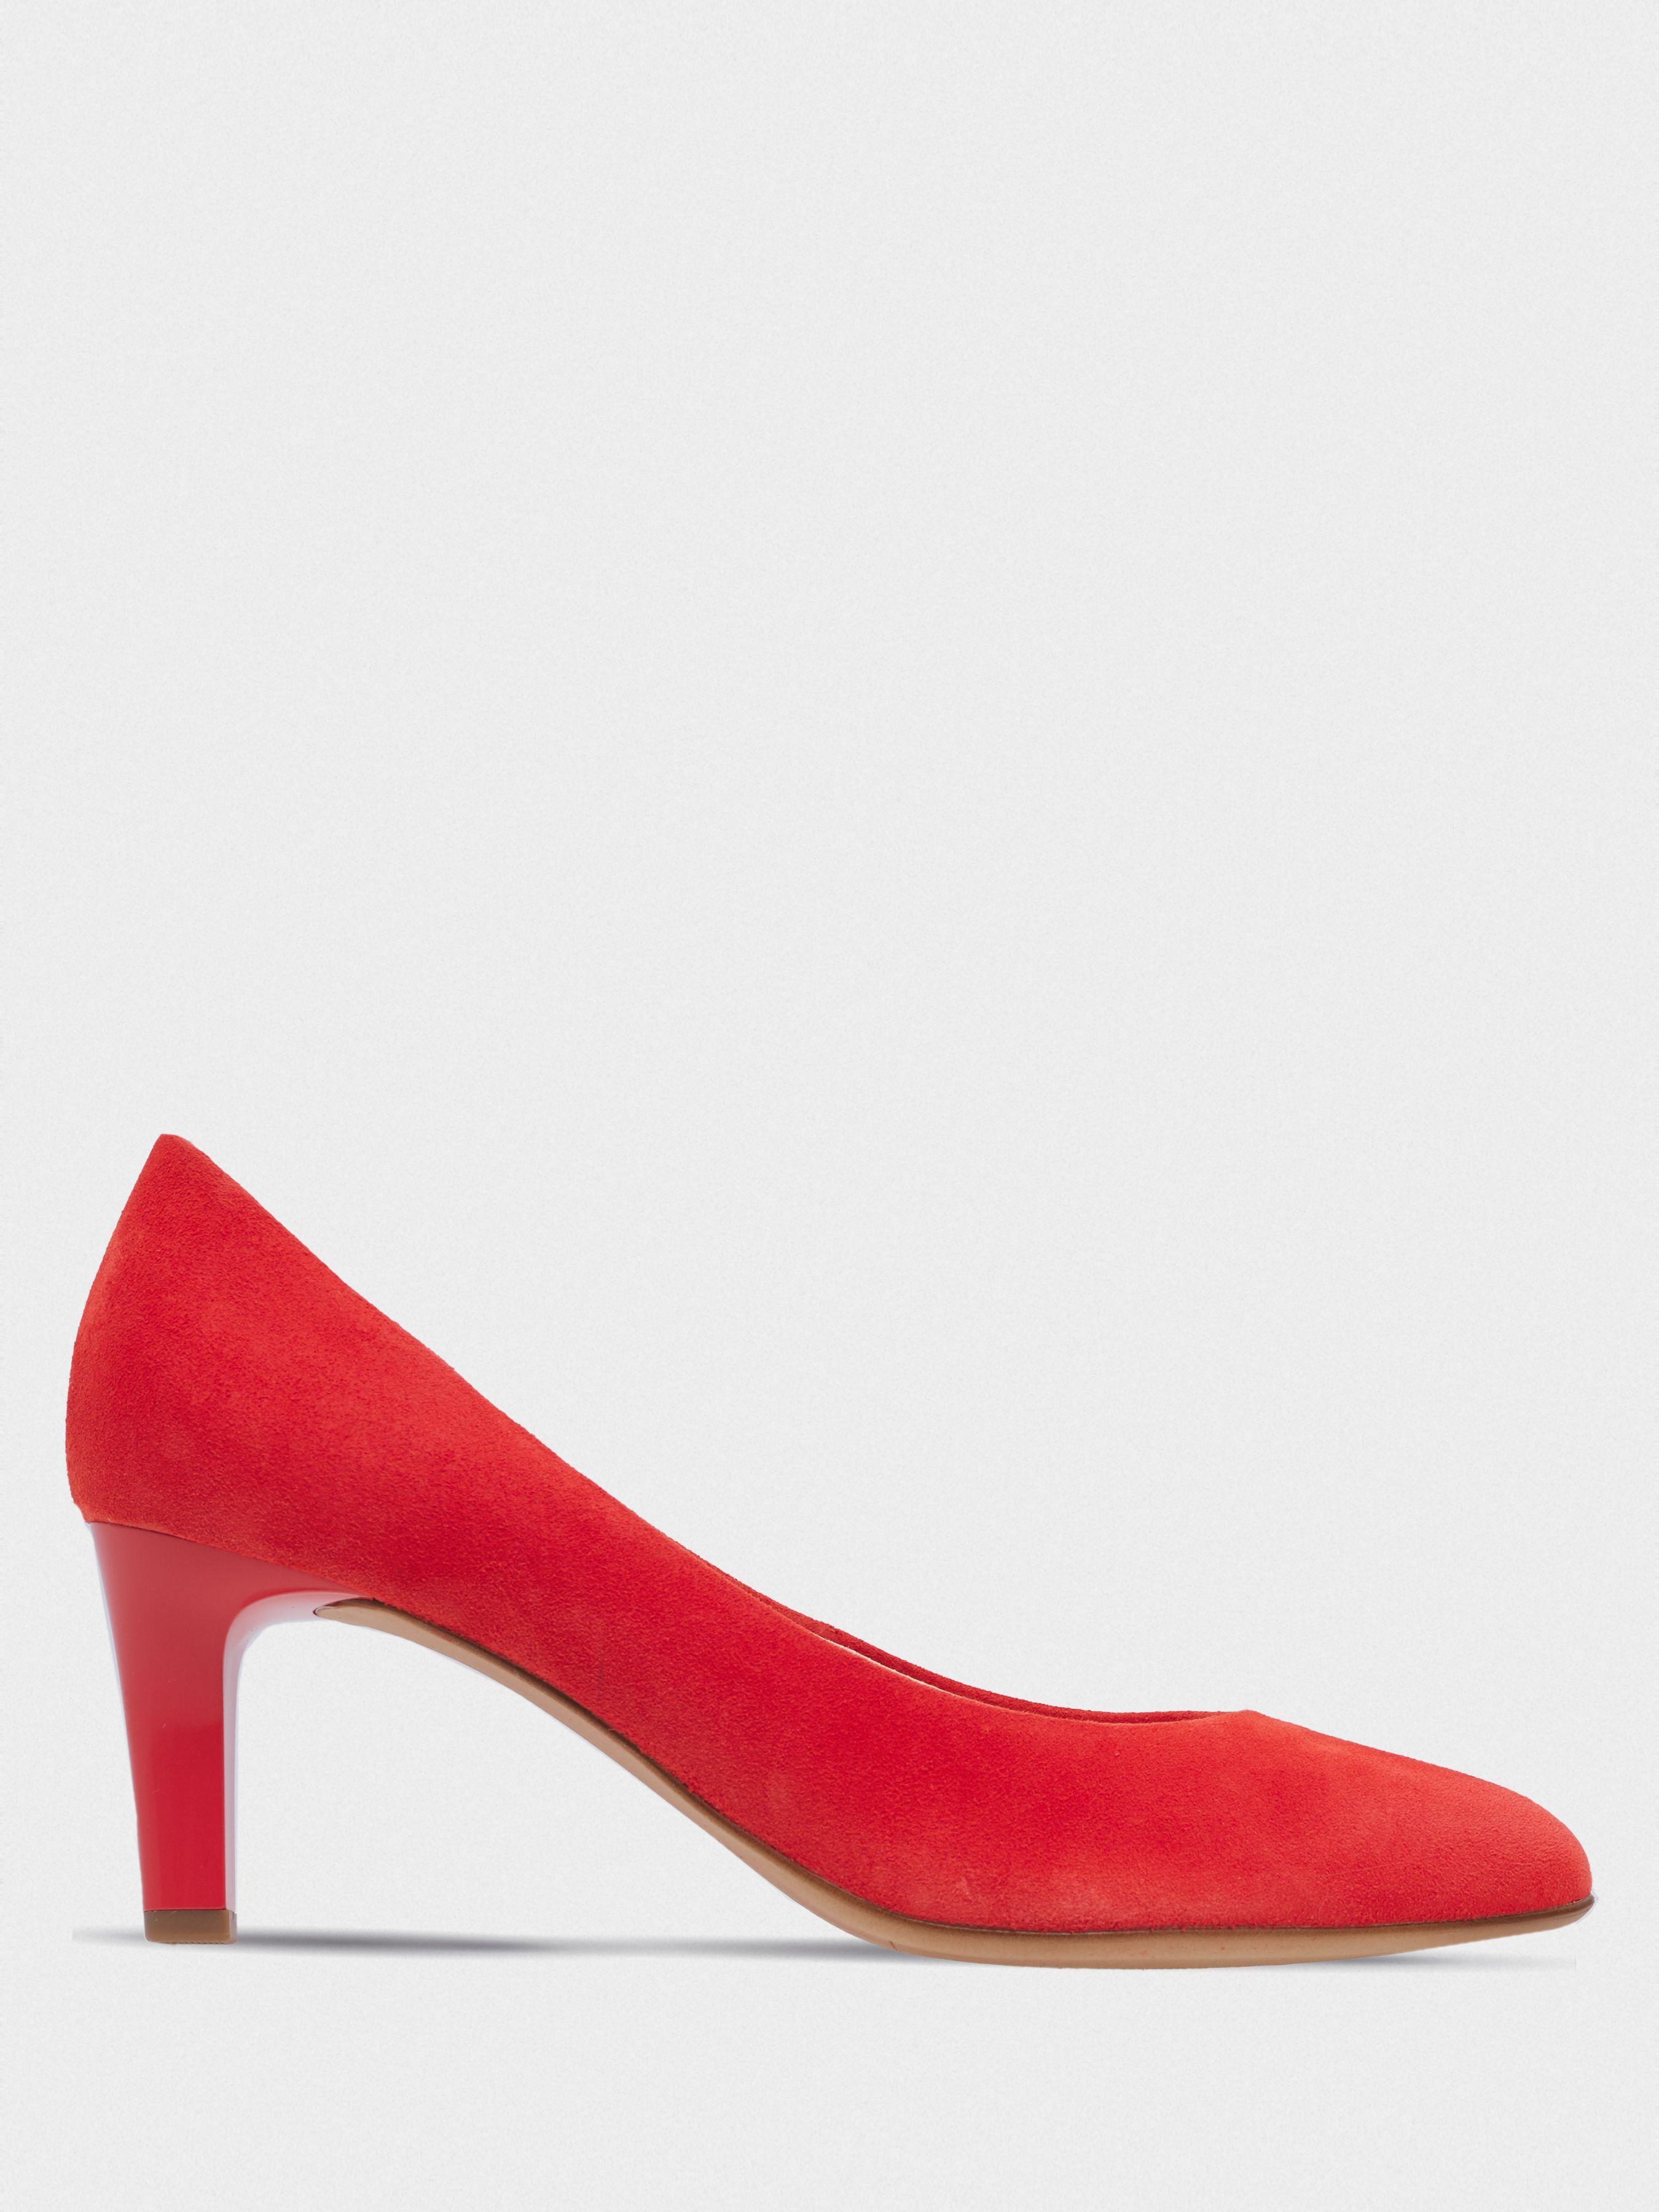 Купить Туфли женские Hogl STARLIGHT YN4019, Оранжевый